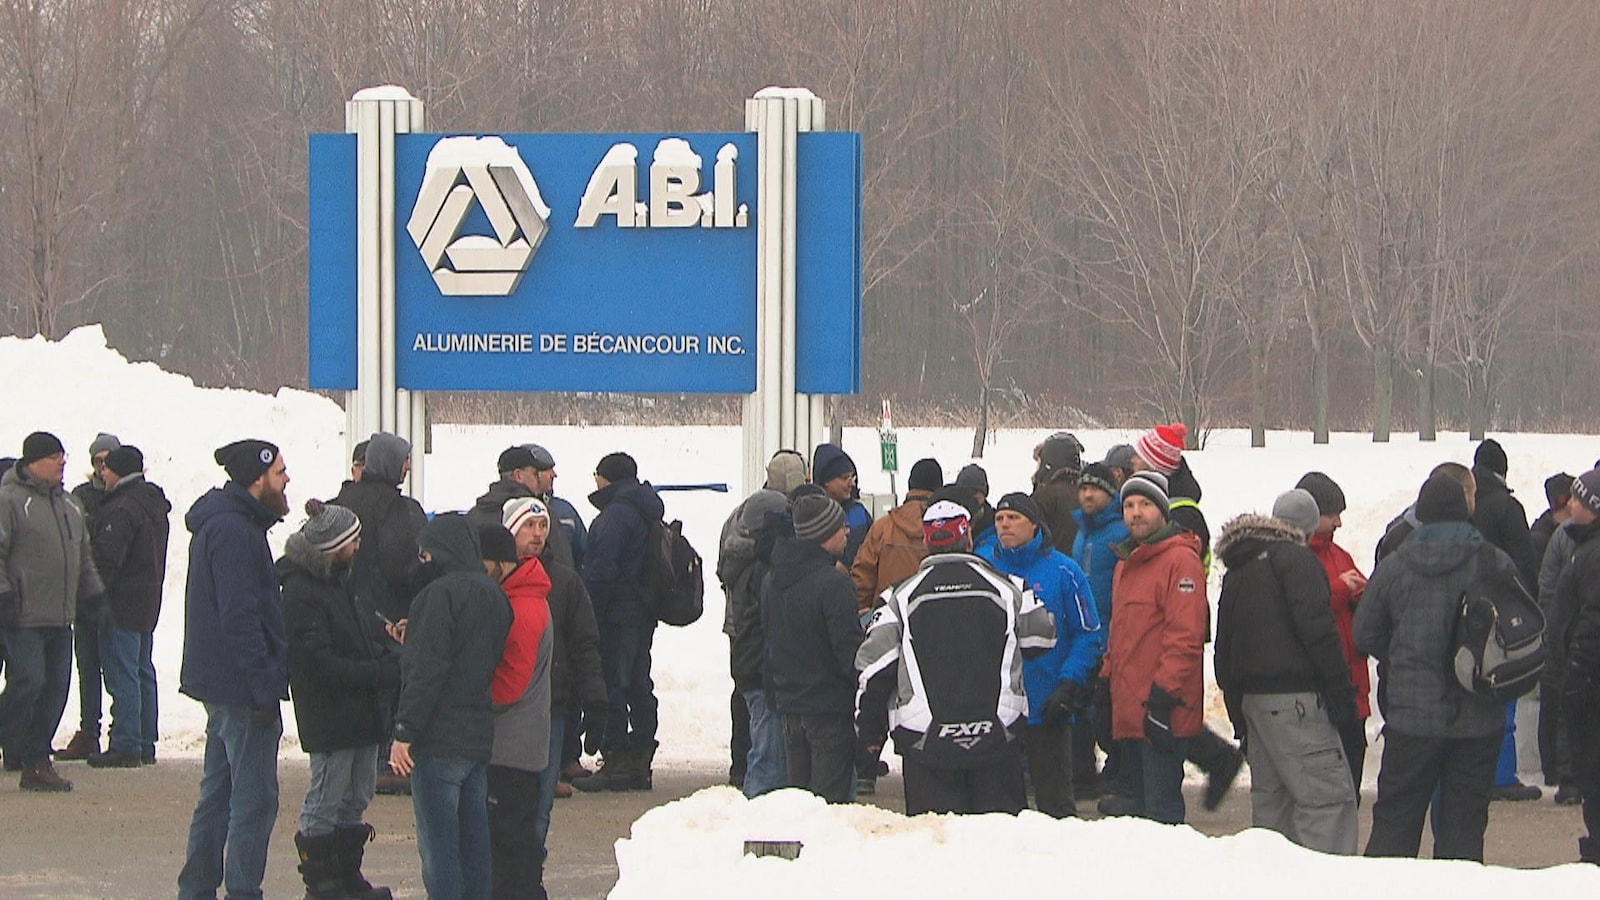 Gens rassemblés en face de l'aluminerie l'hiver, près de la pancarte ABI extérieure